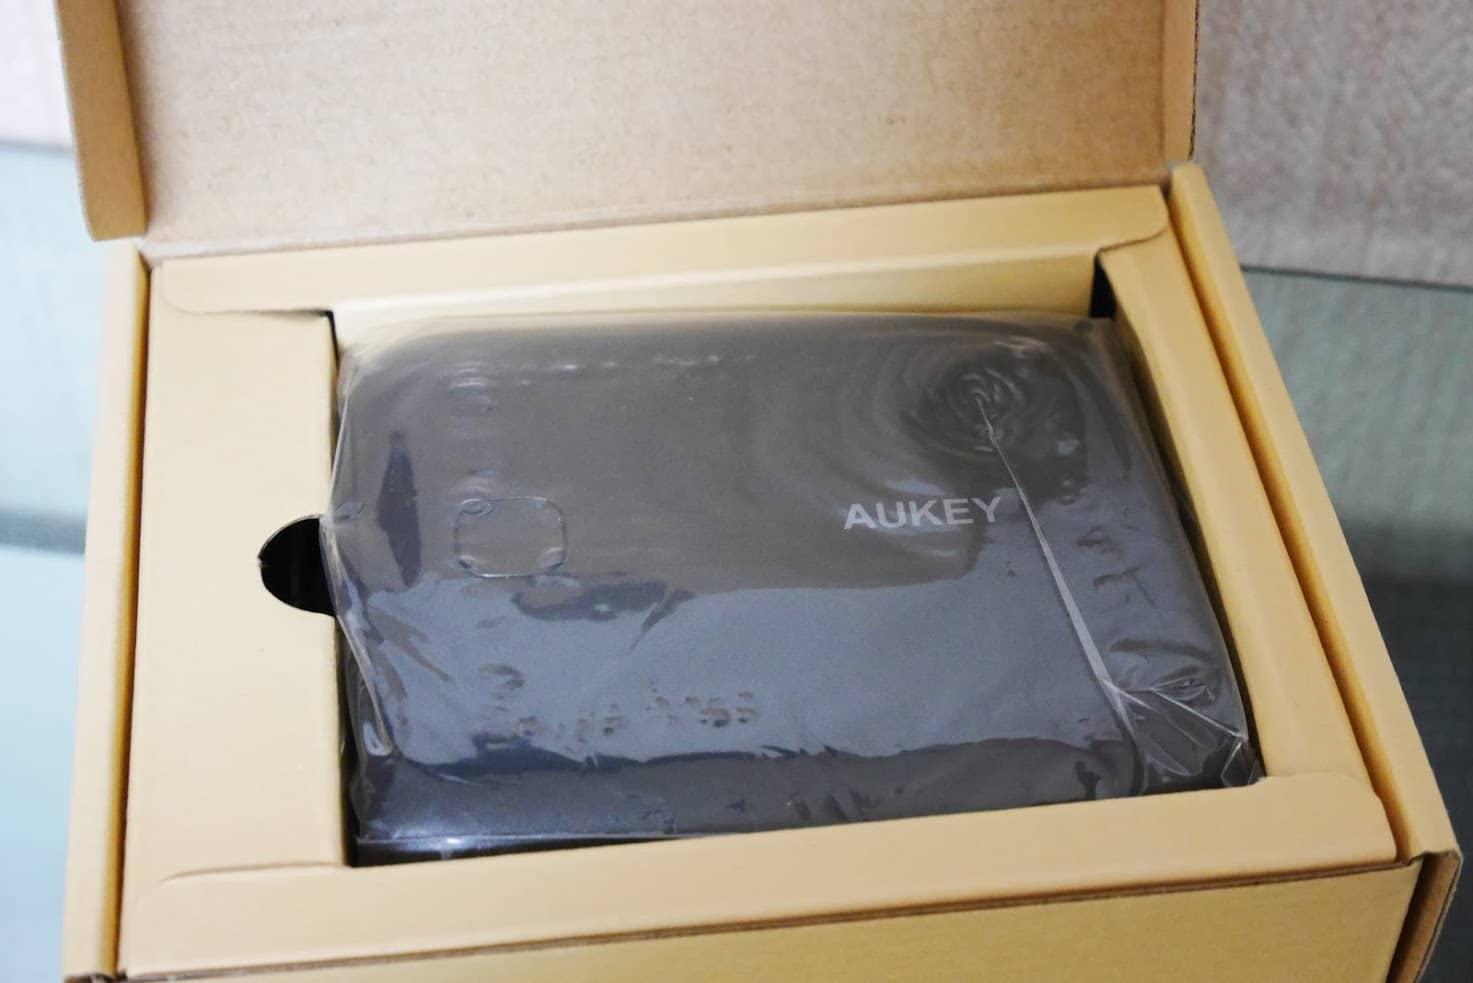 AUKEY-10,000mAh-モバイルバッテリー-PB-N42-中身はこんな感じ